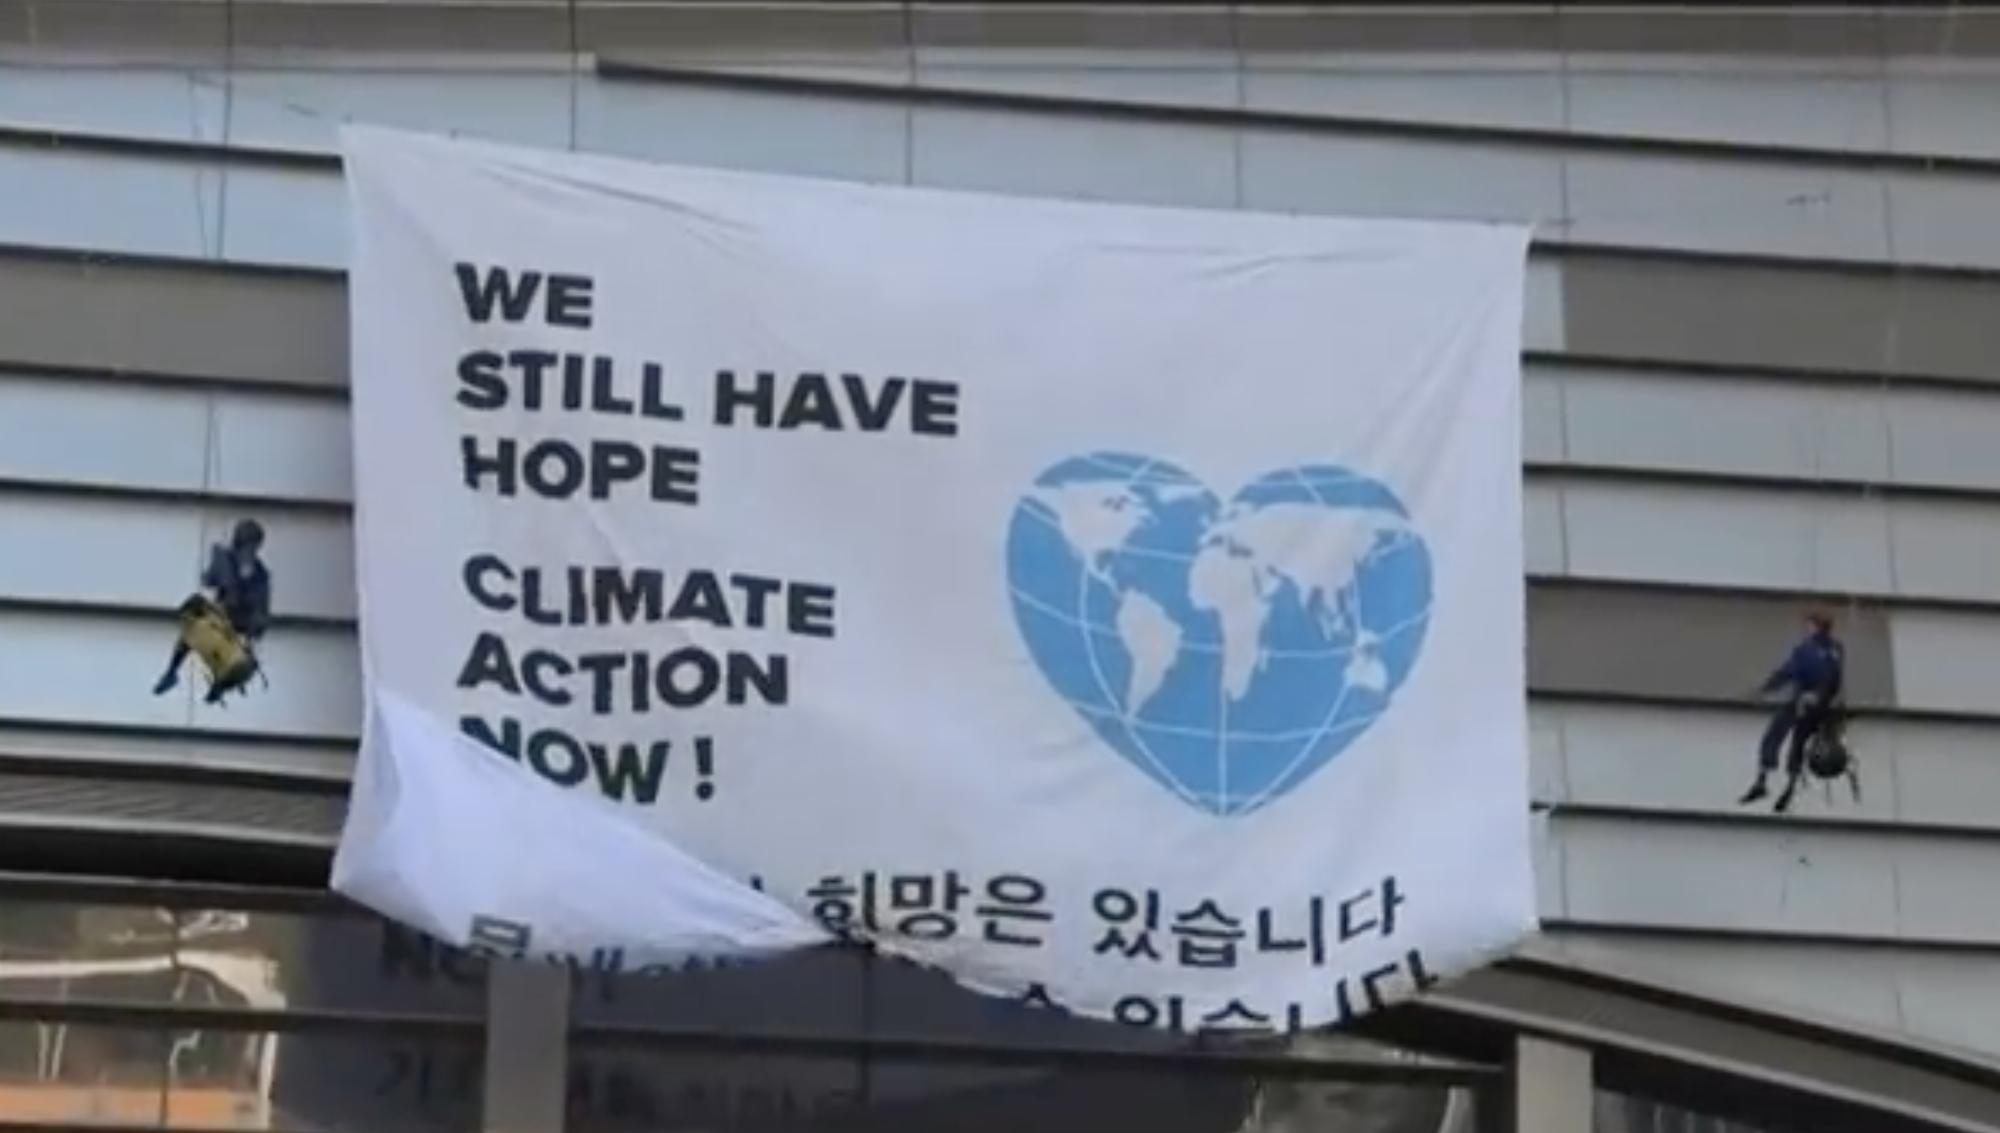 Costa Rica wäre gerne Austragungsort der Klimakonferenz 2019